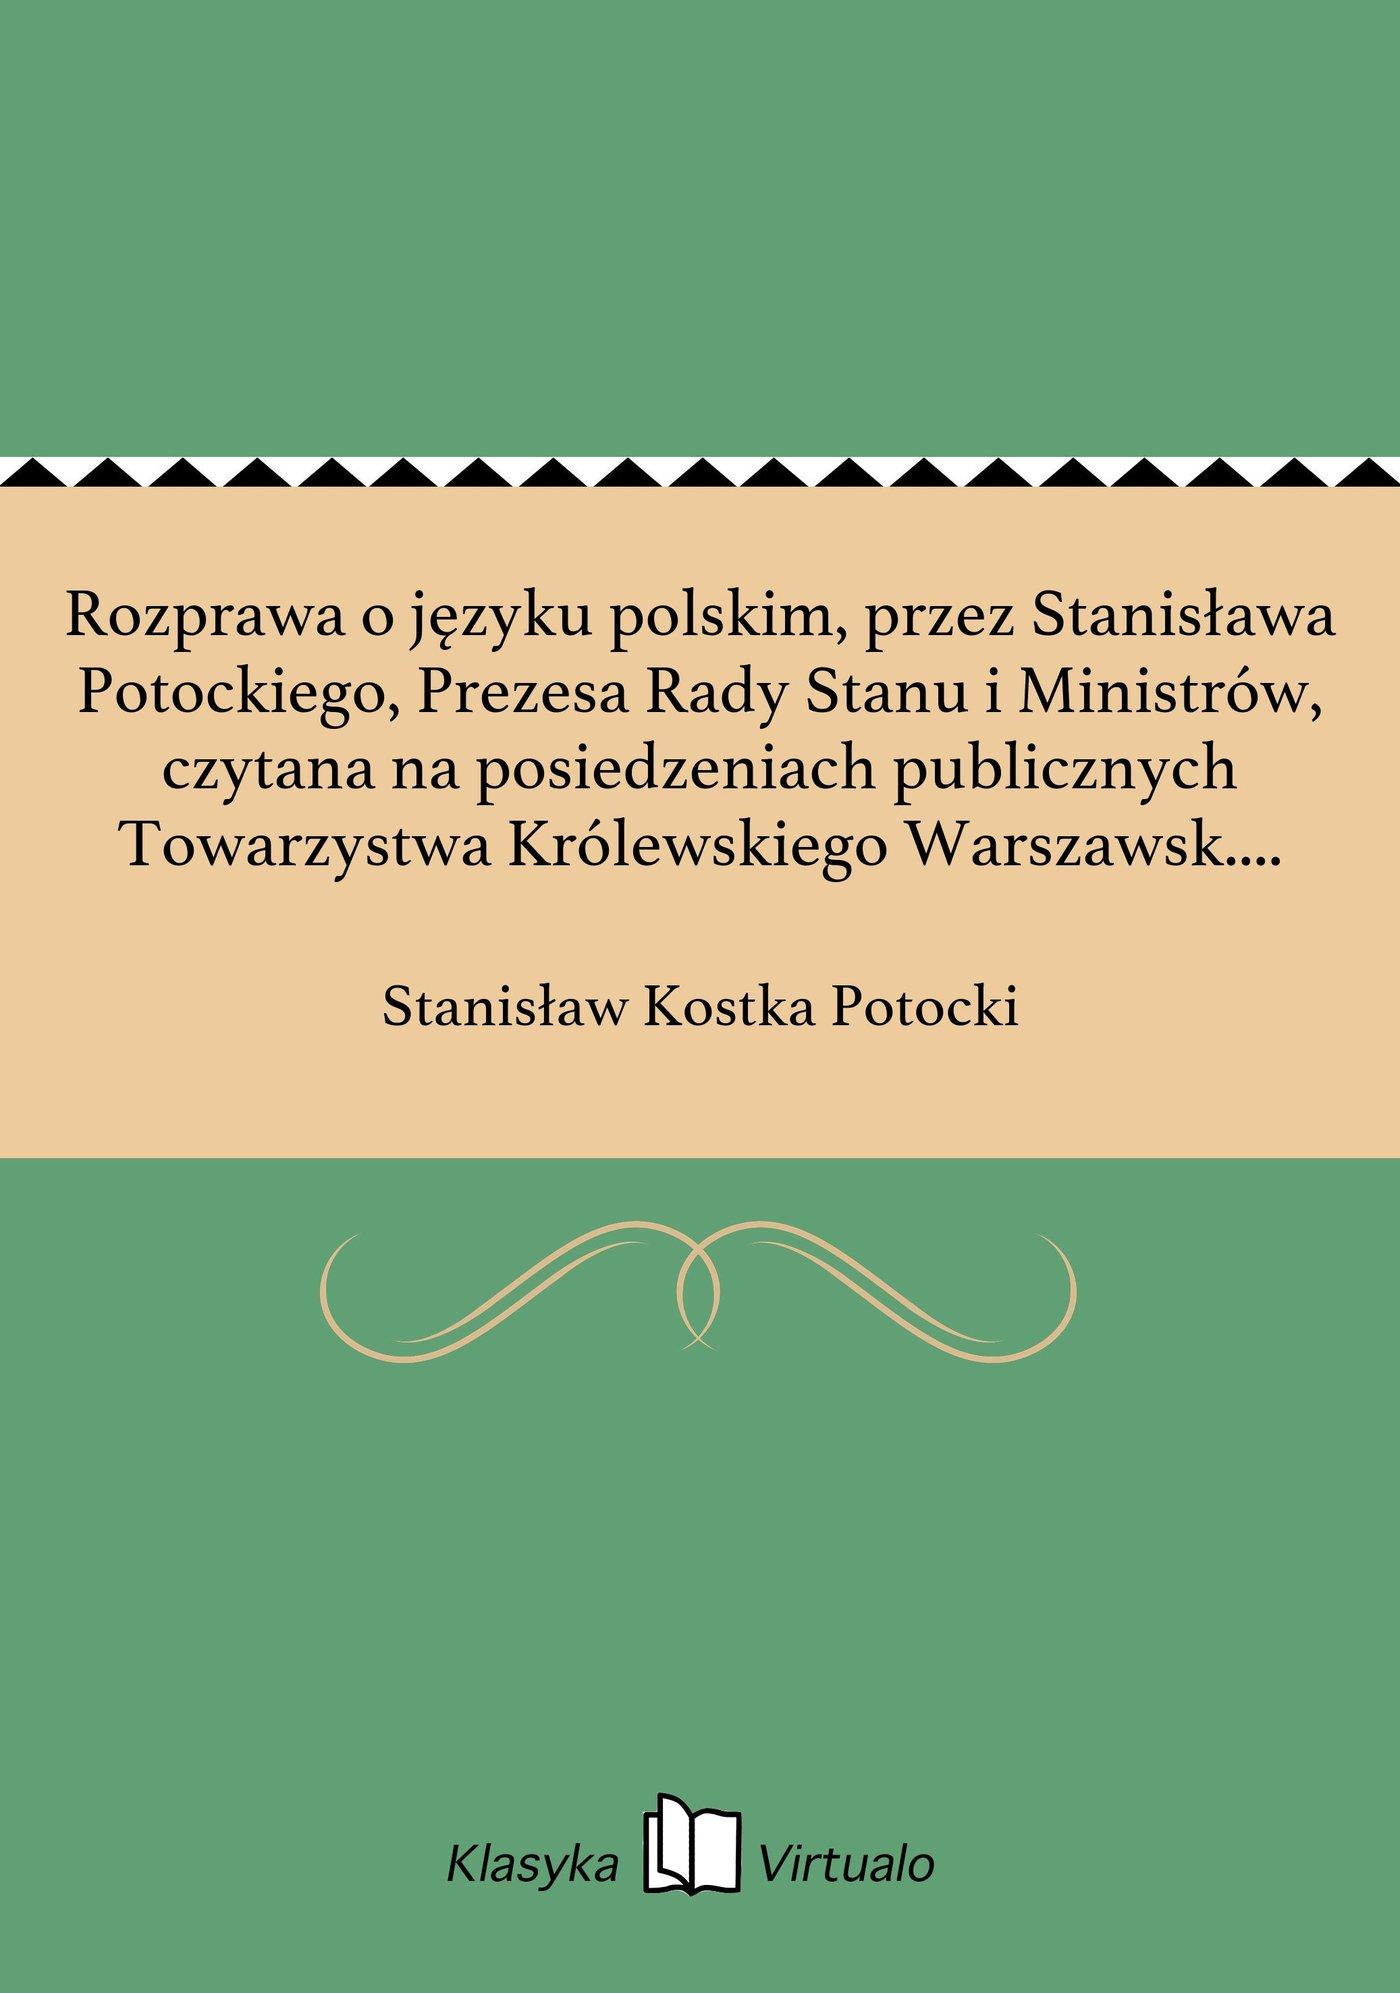 Rozprawa o języku polskim, przez Stanisława Potockiego, Prezesa Rady Stanu i Ministrów, czytana na posiedzeniach publicznych Towarzystwa Królewskiego Warszawsk. Przyiaciół Nauk, w roku 1812 - Ebook (Książka na Kindle) do pobrania w formacie MOBI